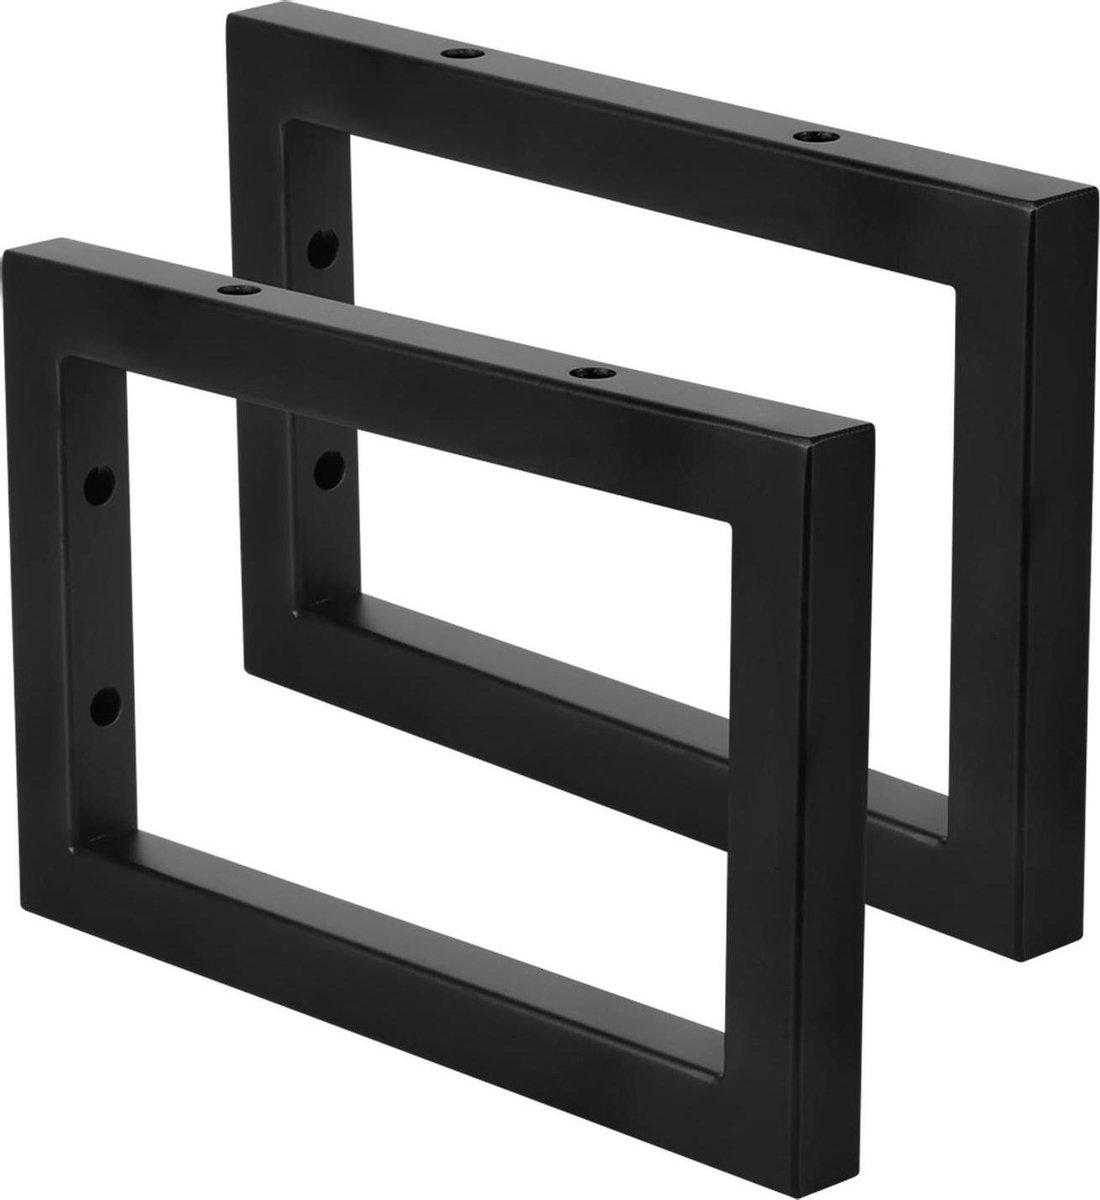 Differnz ophangbare fontein - 23 x 15 cm - zwart